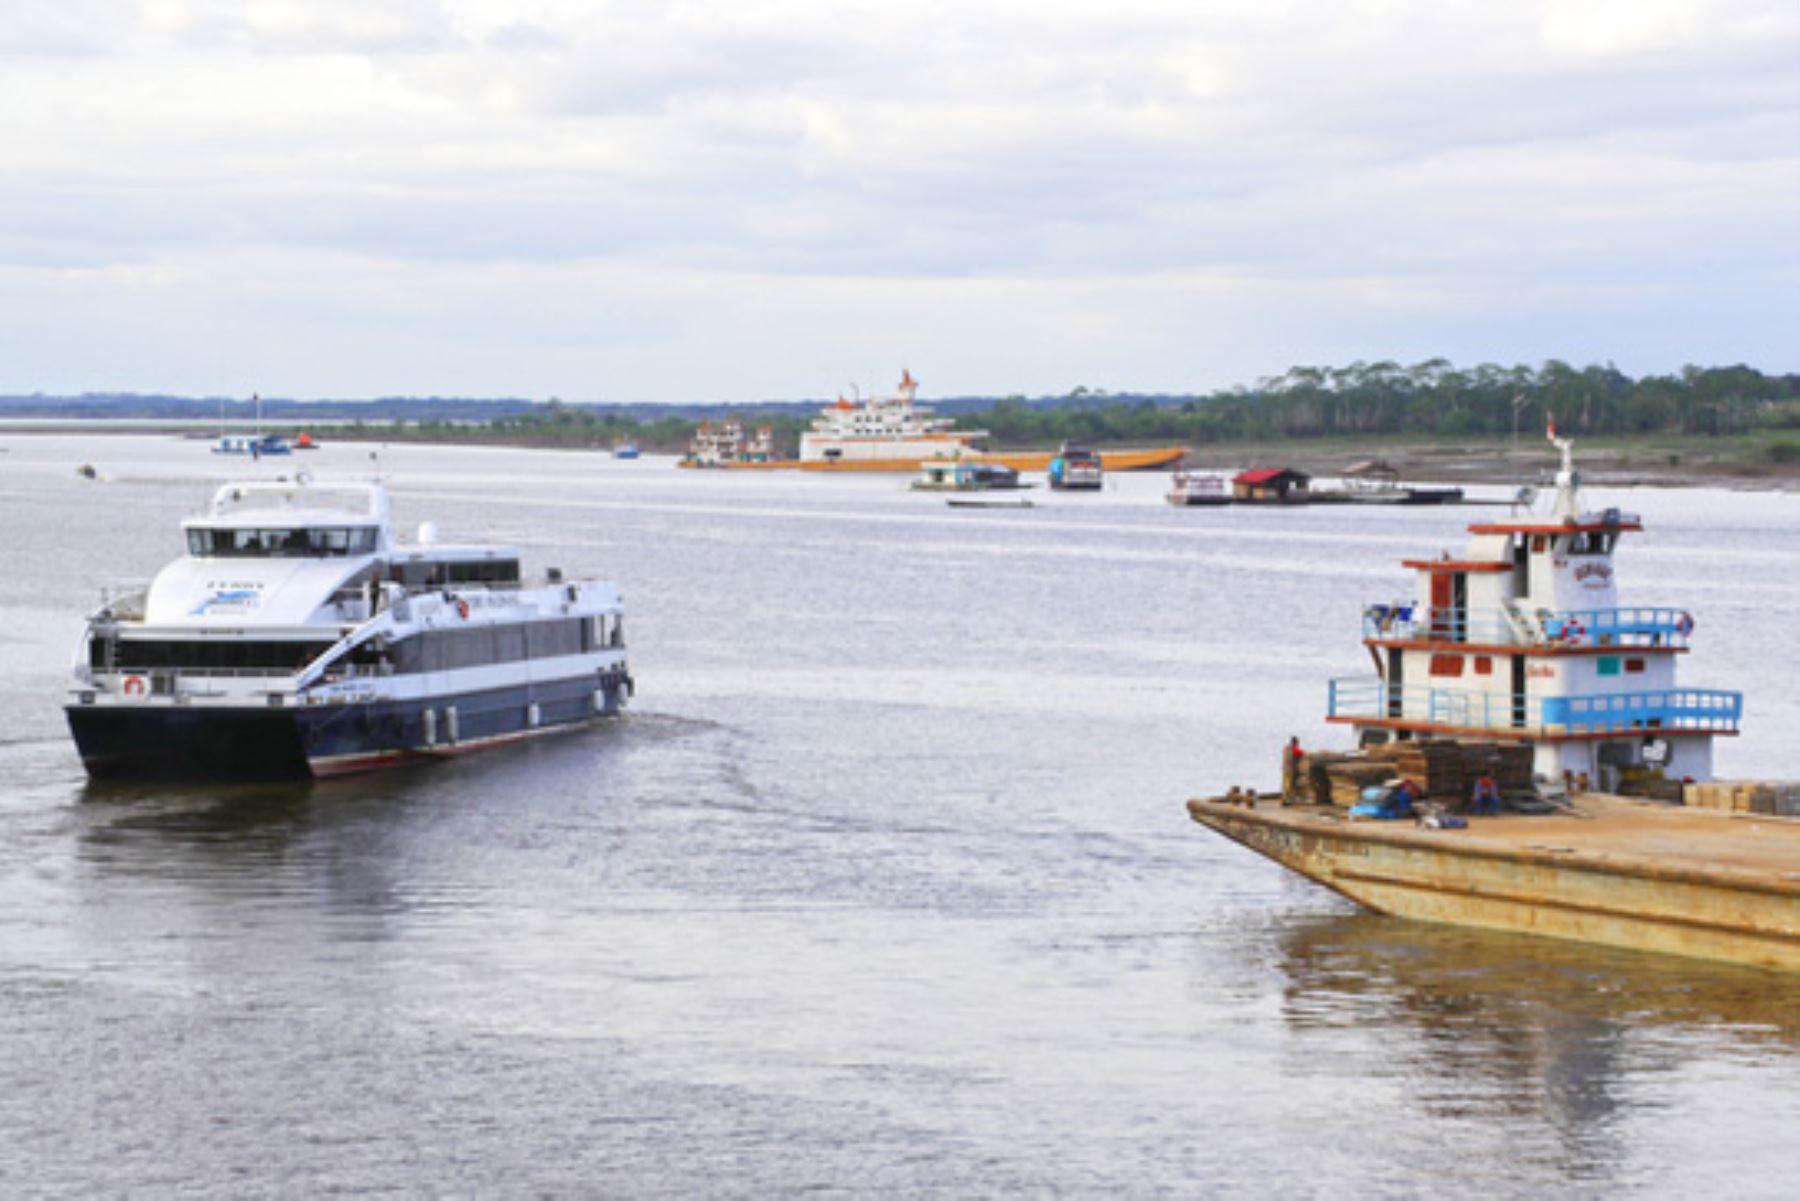 El Proyecto Hidrovía Amazónica sigue en marcha sin evaluación certera de sus impactos ambientales